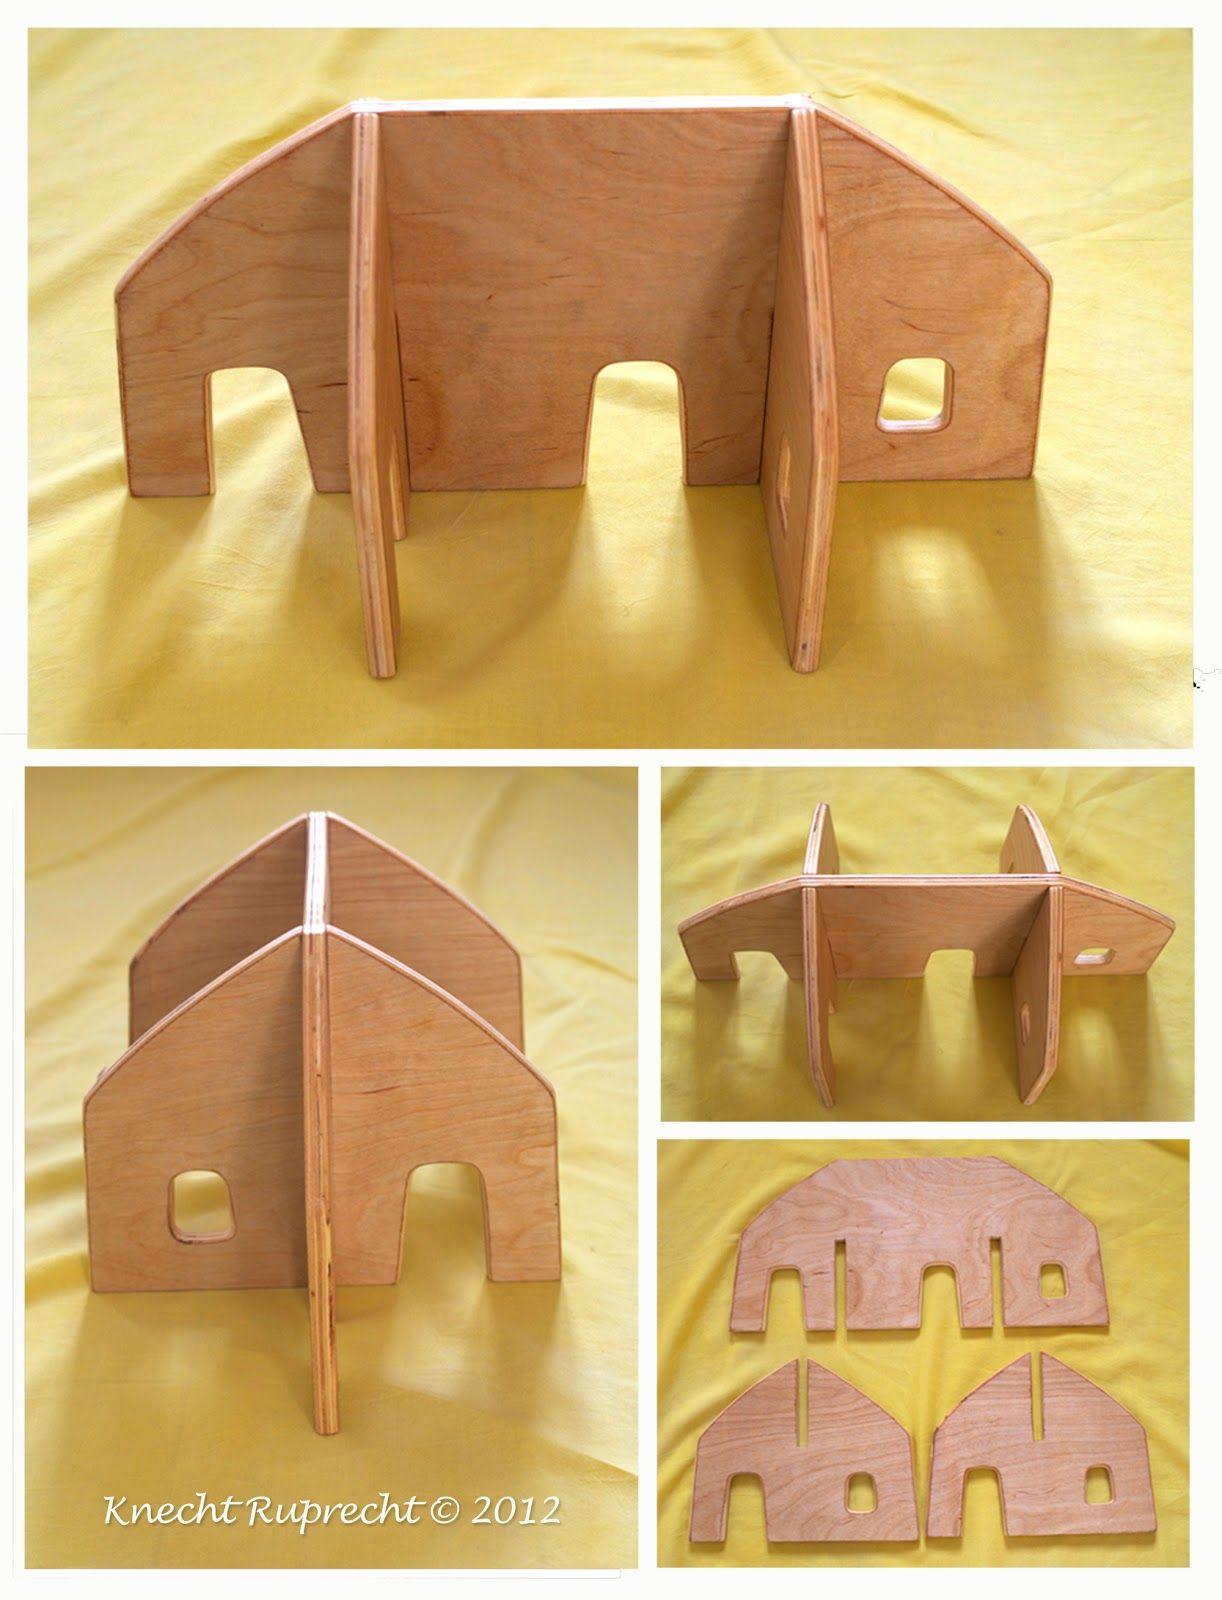 tragbares puppenhaus mit laubs ge aus brettchen basteln ideen pinterest puppen spielzeug. Black Bedroom Furniture Sets. Home Design Ideas